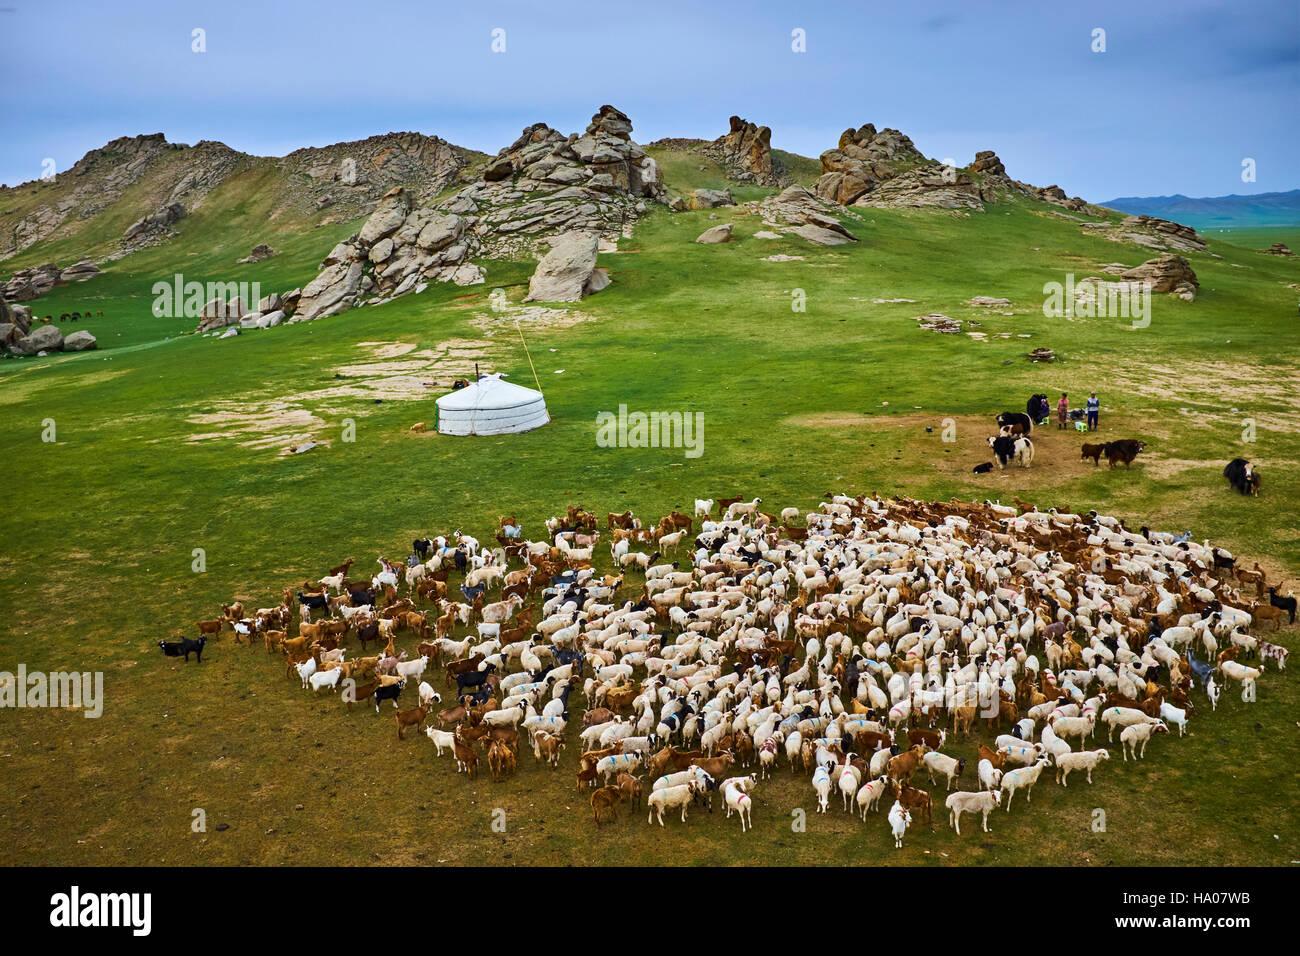 Mongolia, Bayankhongor province, nomad camp - Stock Image